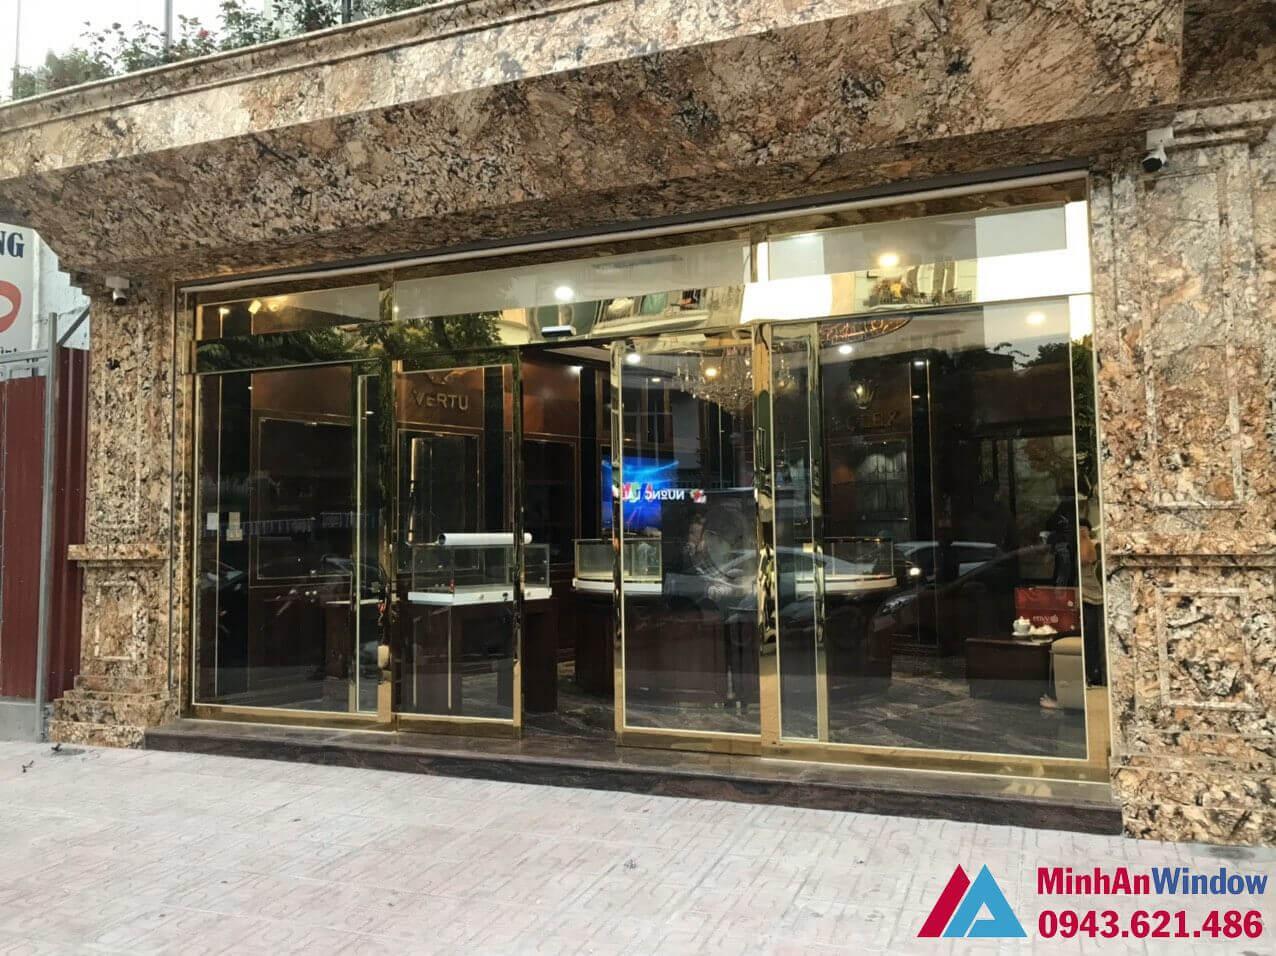 Cửa hàng Tùng Vàng 86 Trần Phú - cửa kính khung inox mạ vàng sang trọng bậc nhất